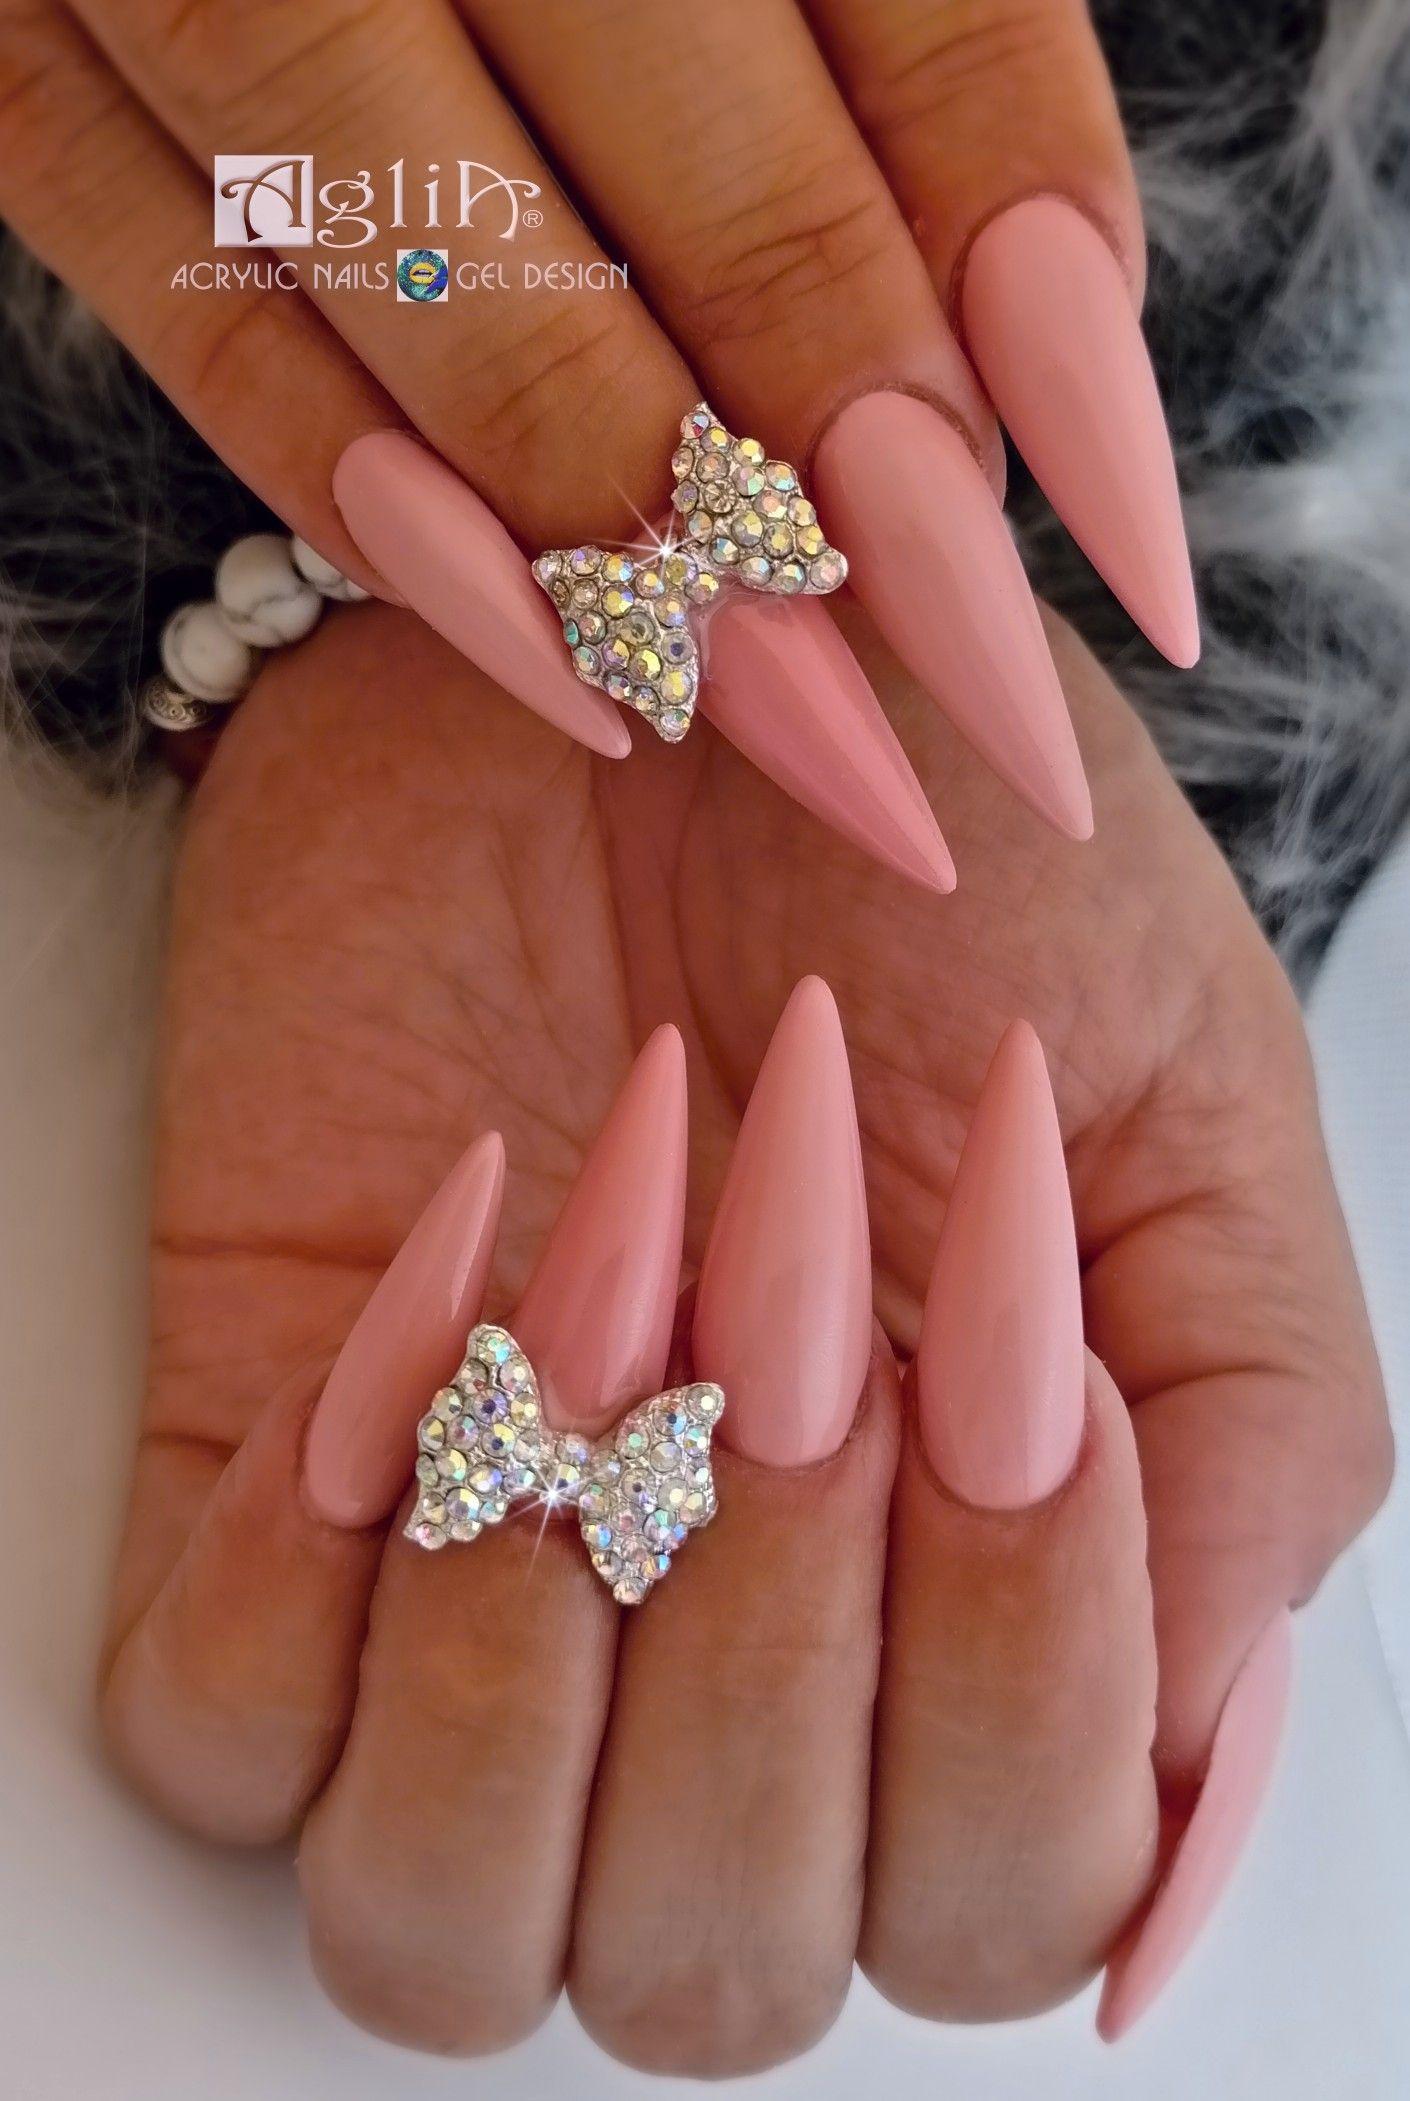 Acrylic Nails Gel Design